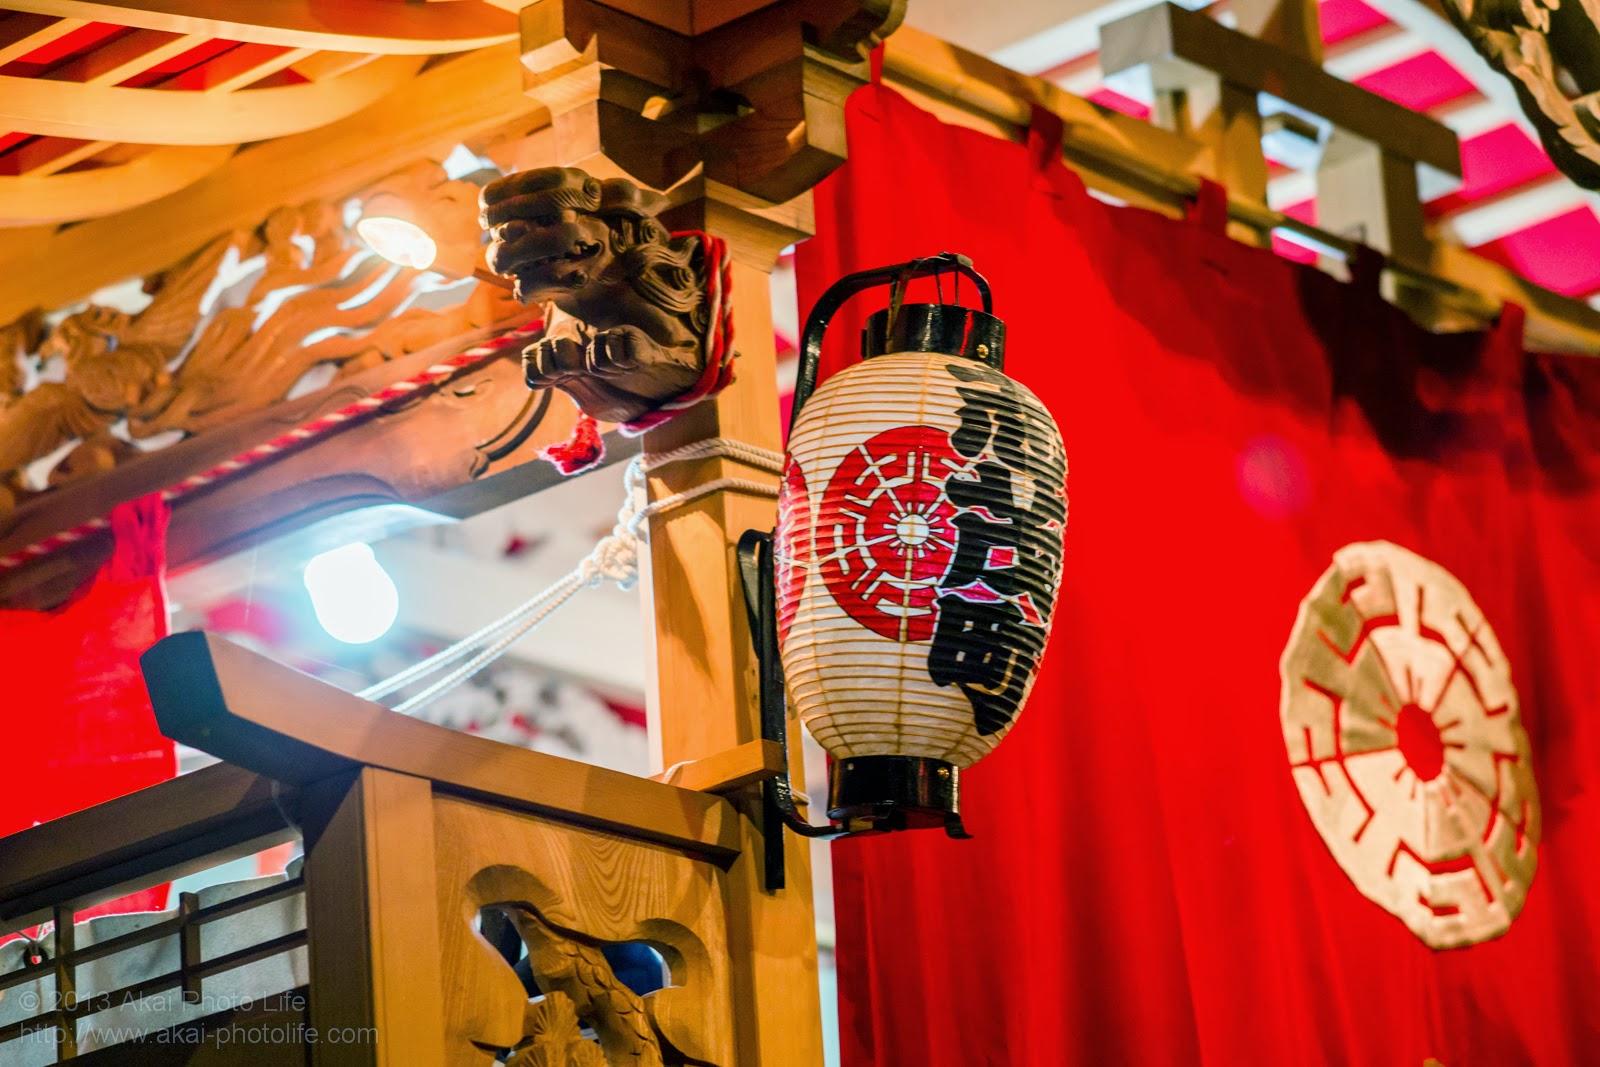 平井のお祭り、志茂町の山車の提灯